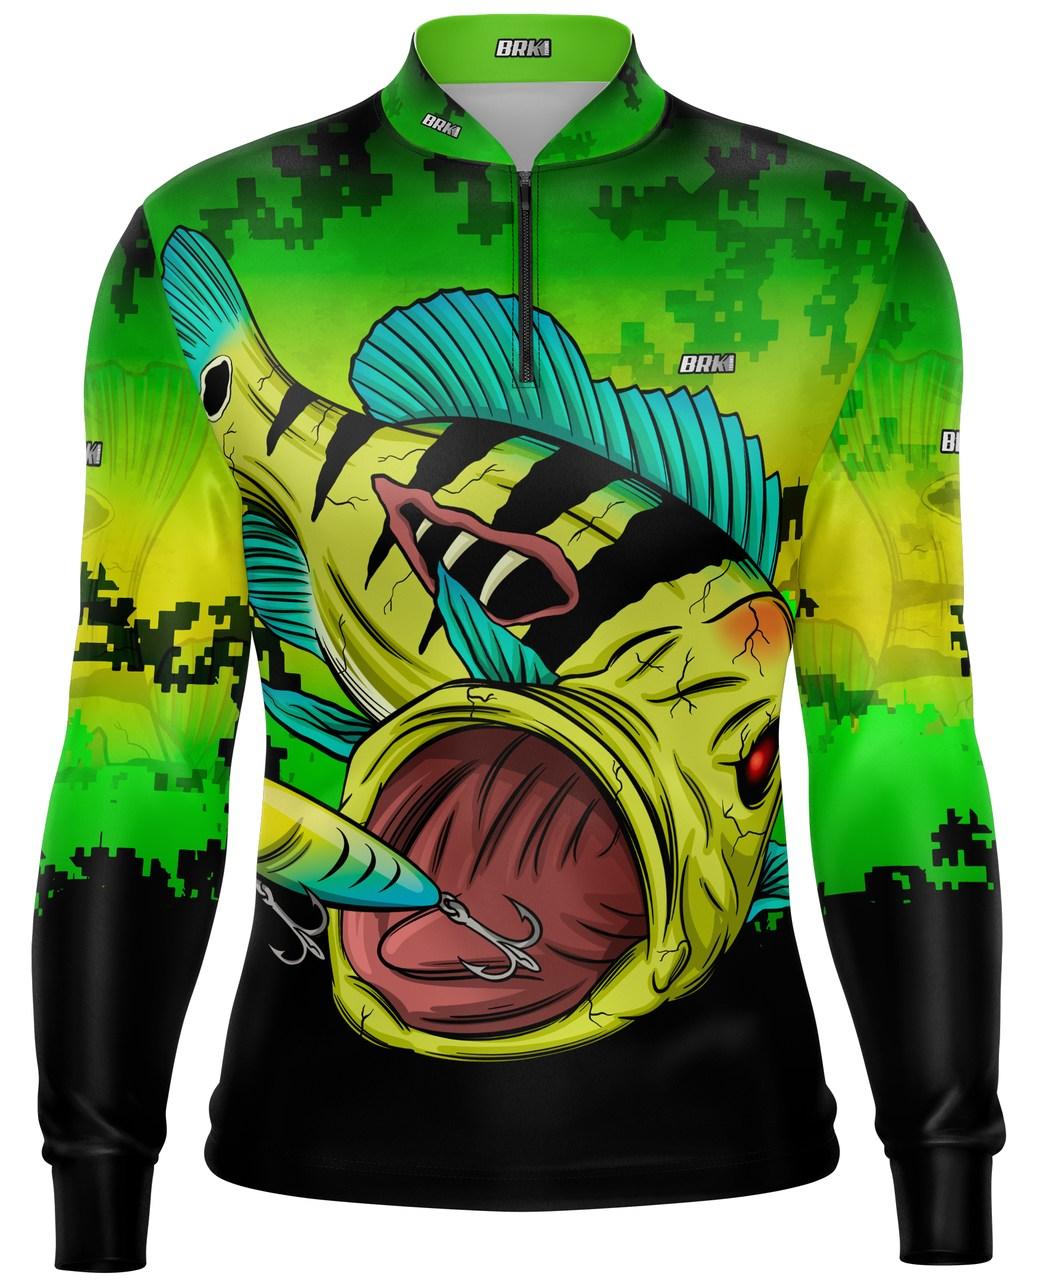 Camisa de Pesca Brk Tucuna Monstro com Proteção UV 50+